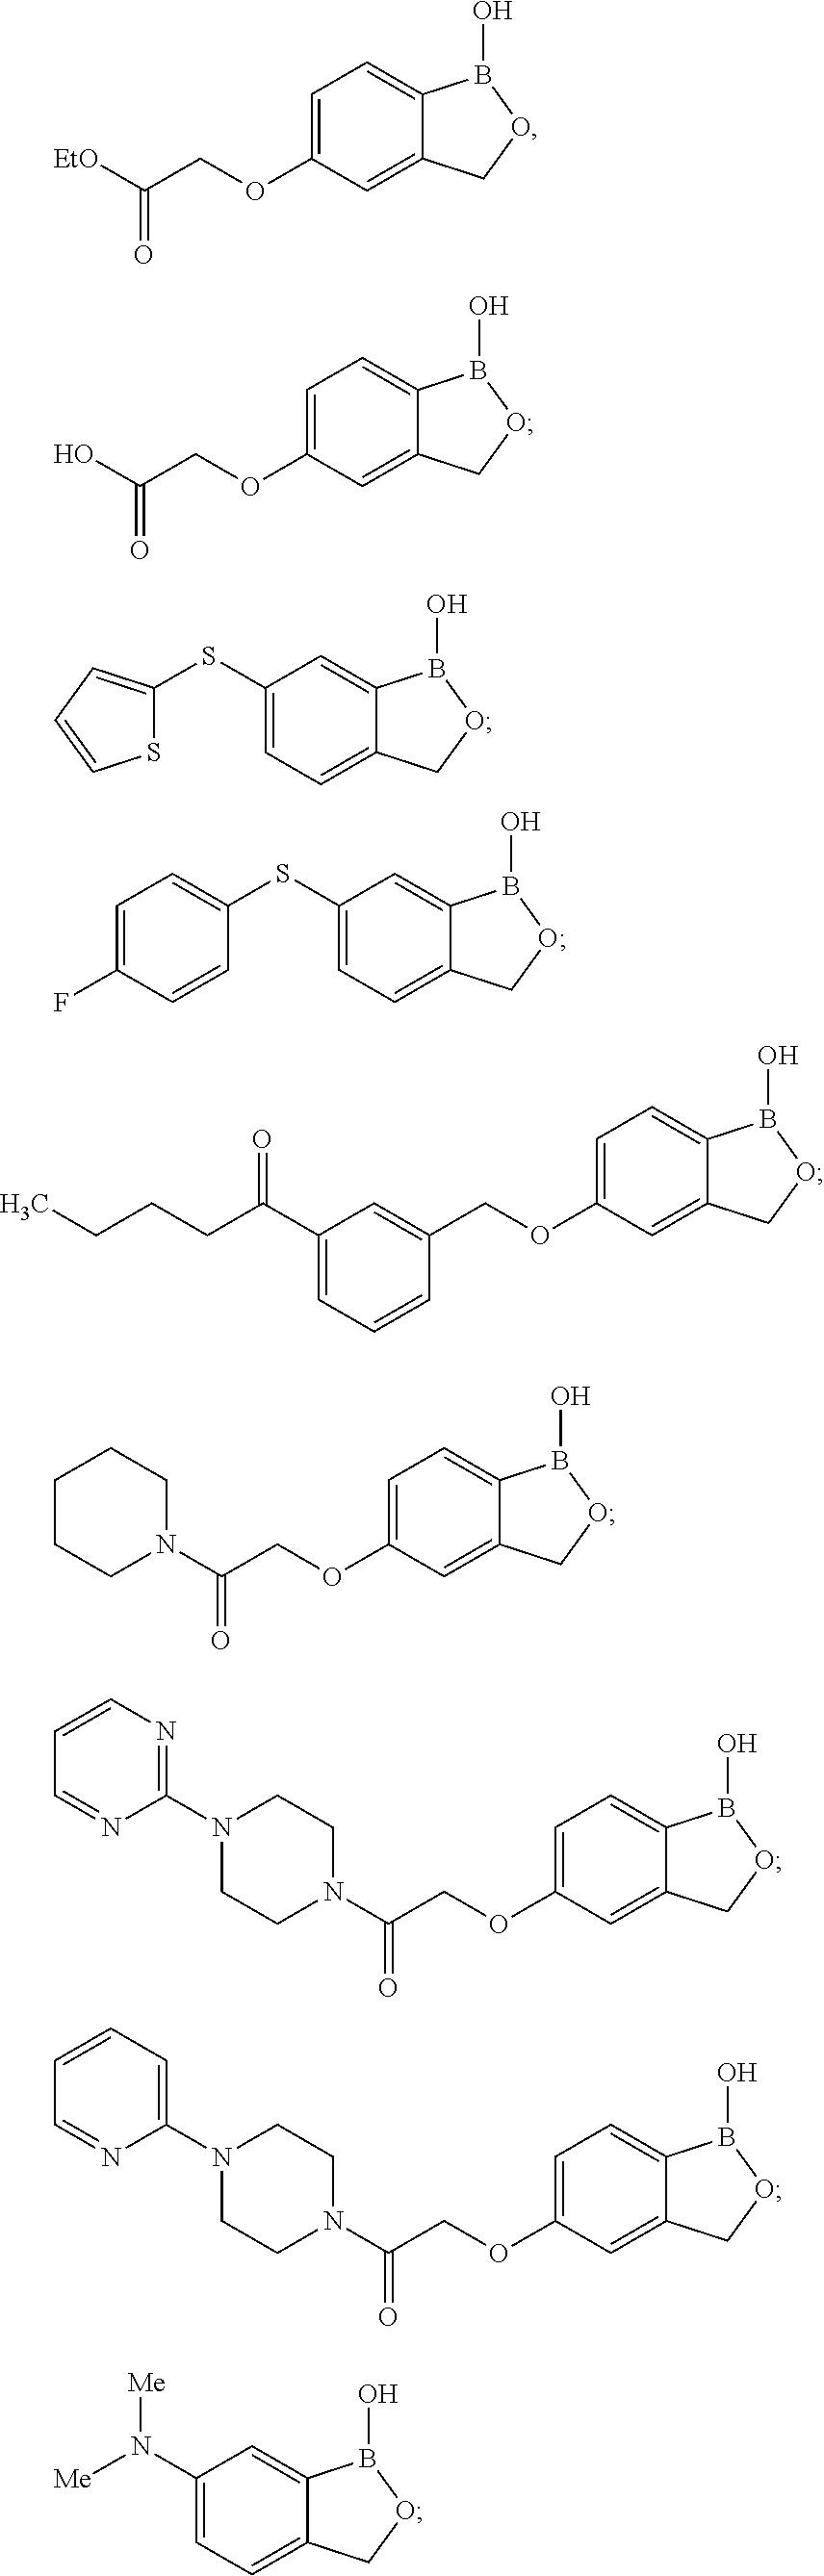 Figure US09566289-20170214-C00026